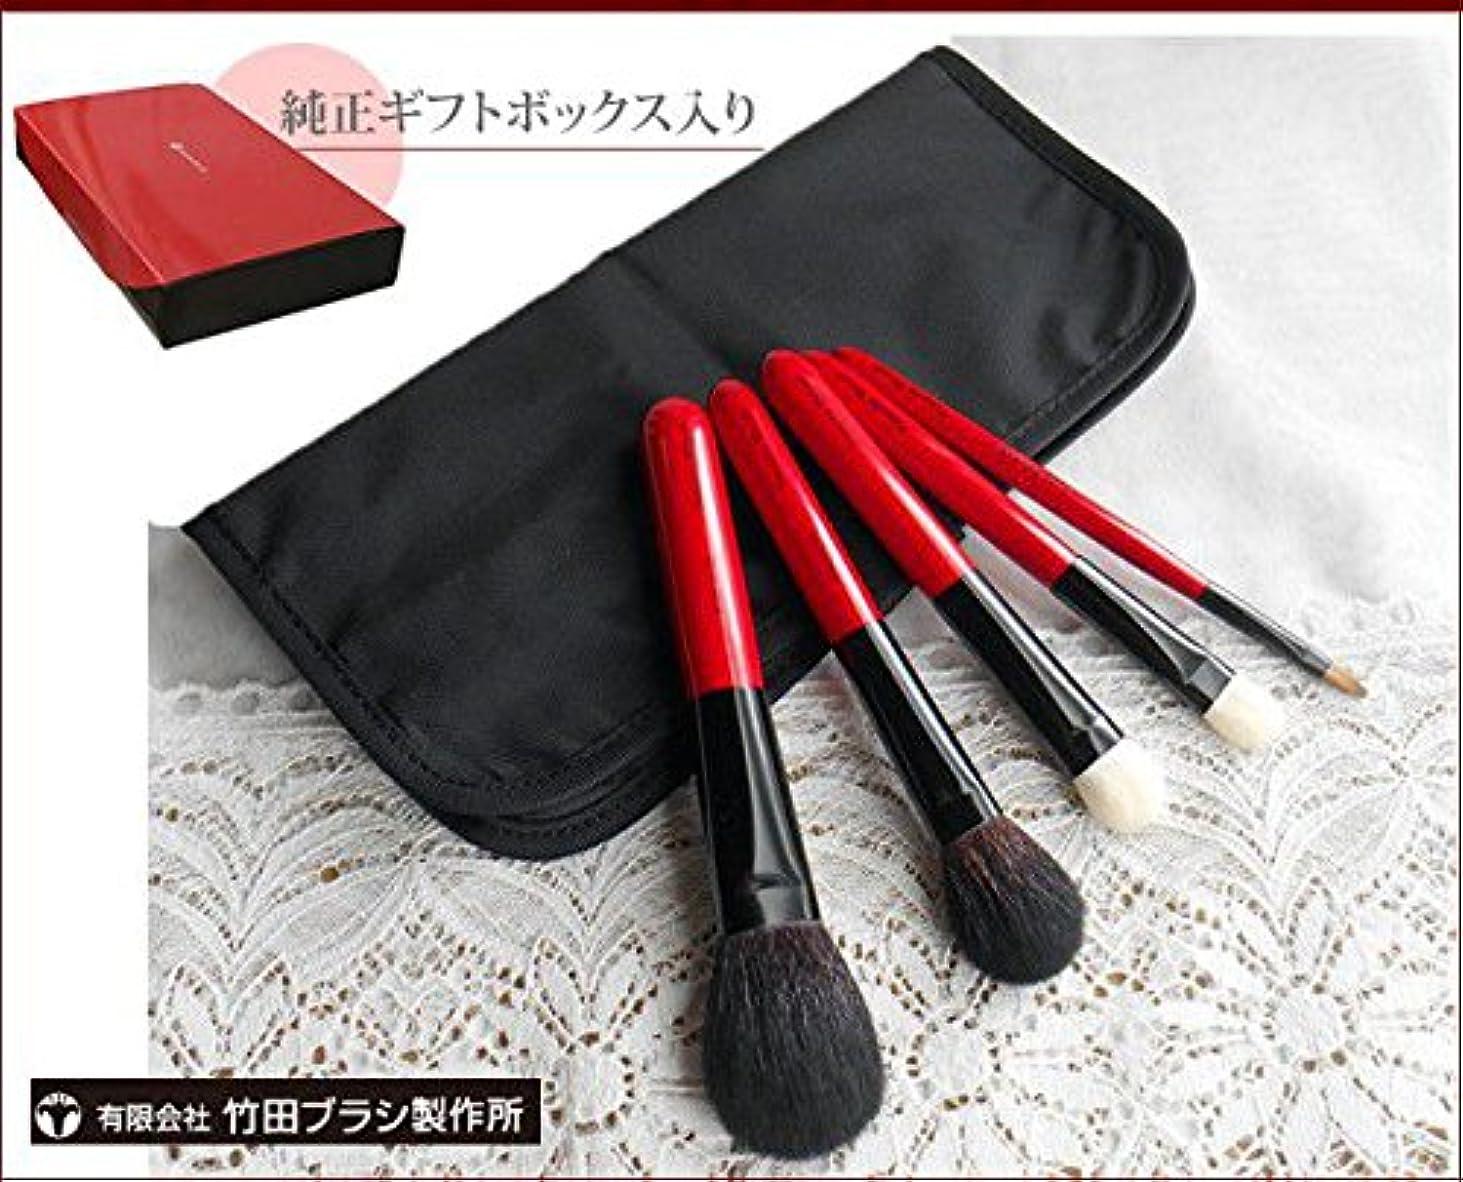 愛情エンターテインメント歩き回る有限会社竹田ブラシ製作所の熊野化粧筆 特別5本セット